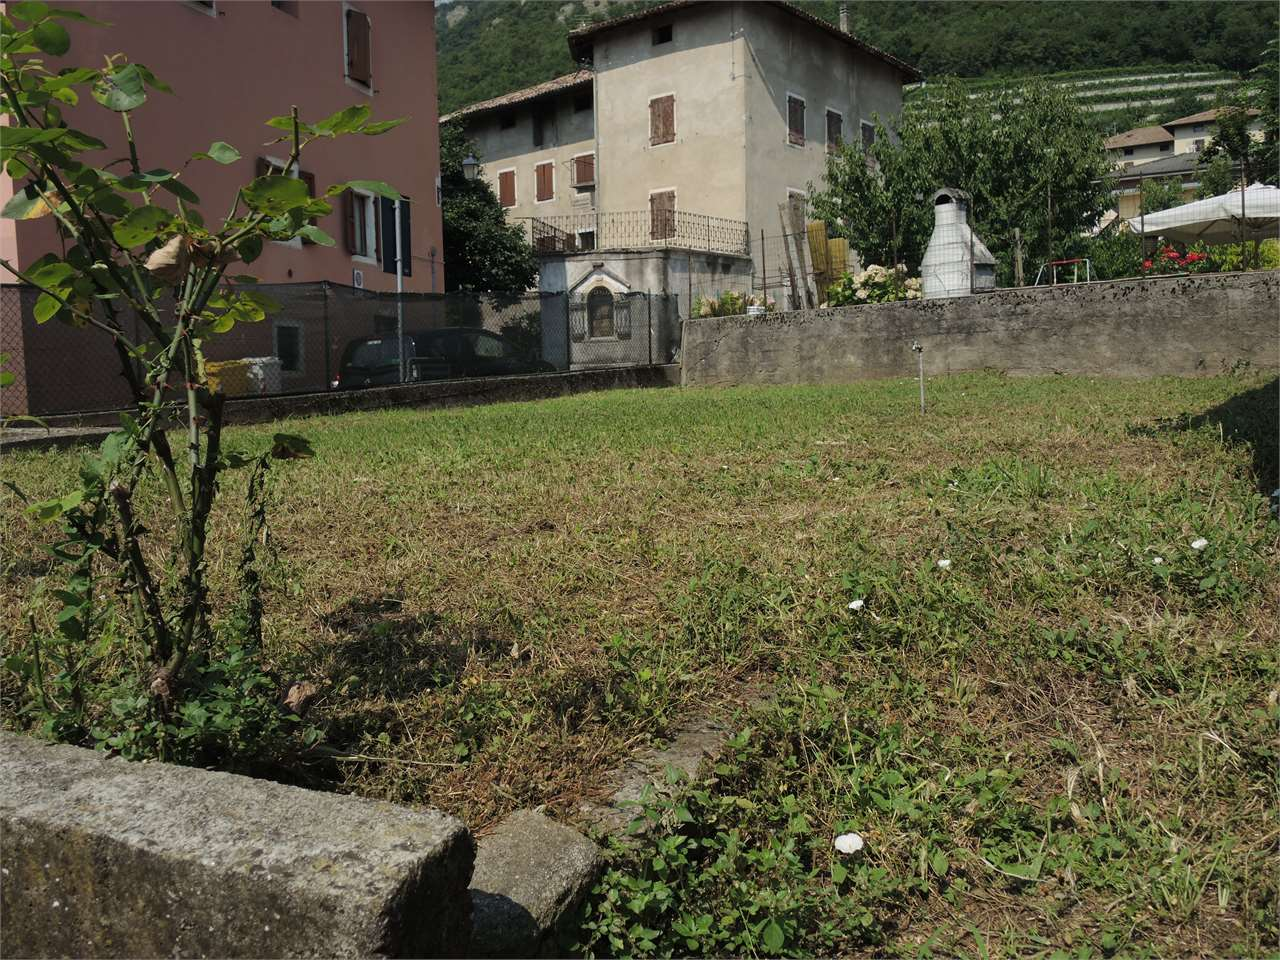 Foto casa indipendente in vendita a Villa Lagarina (Trento)